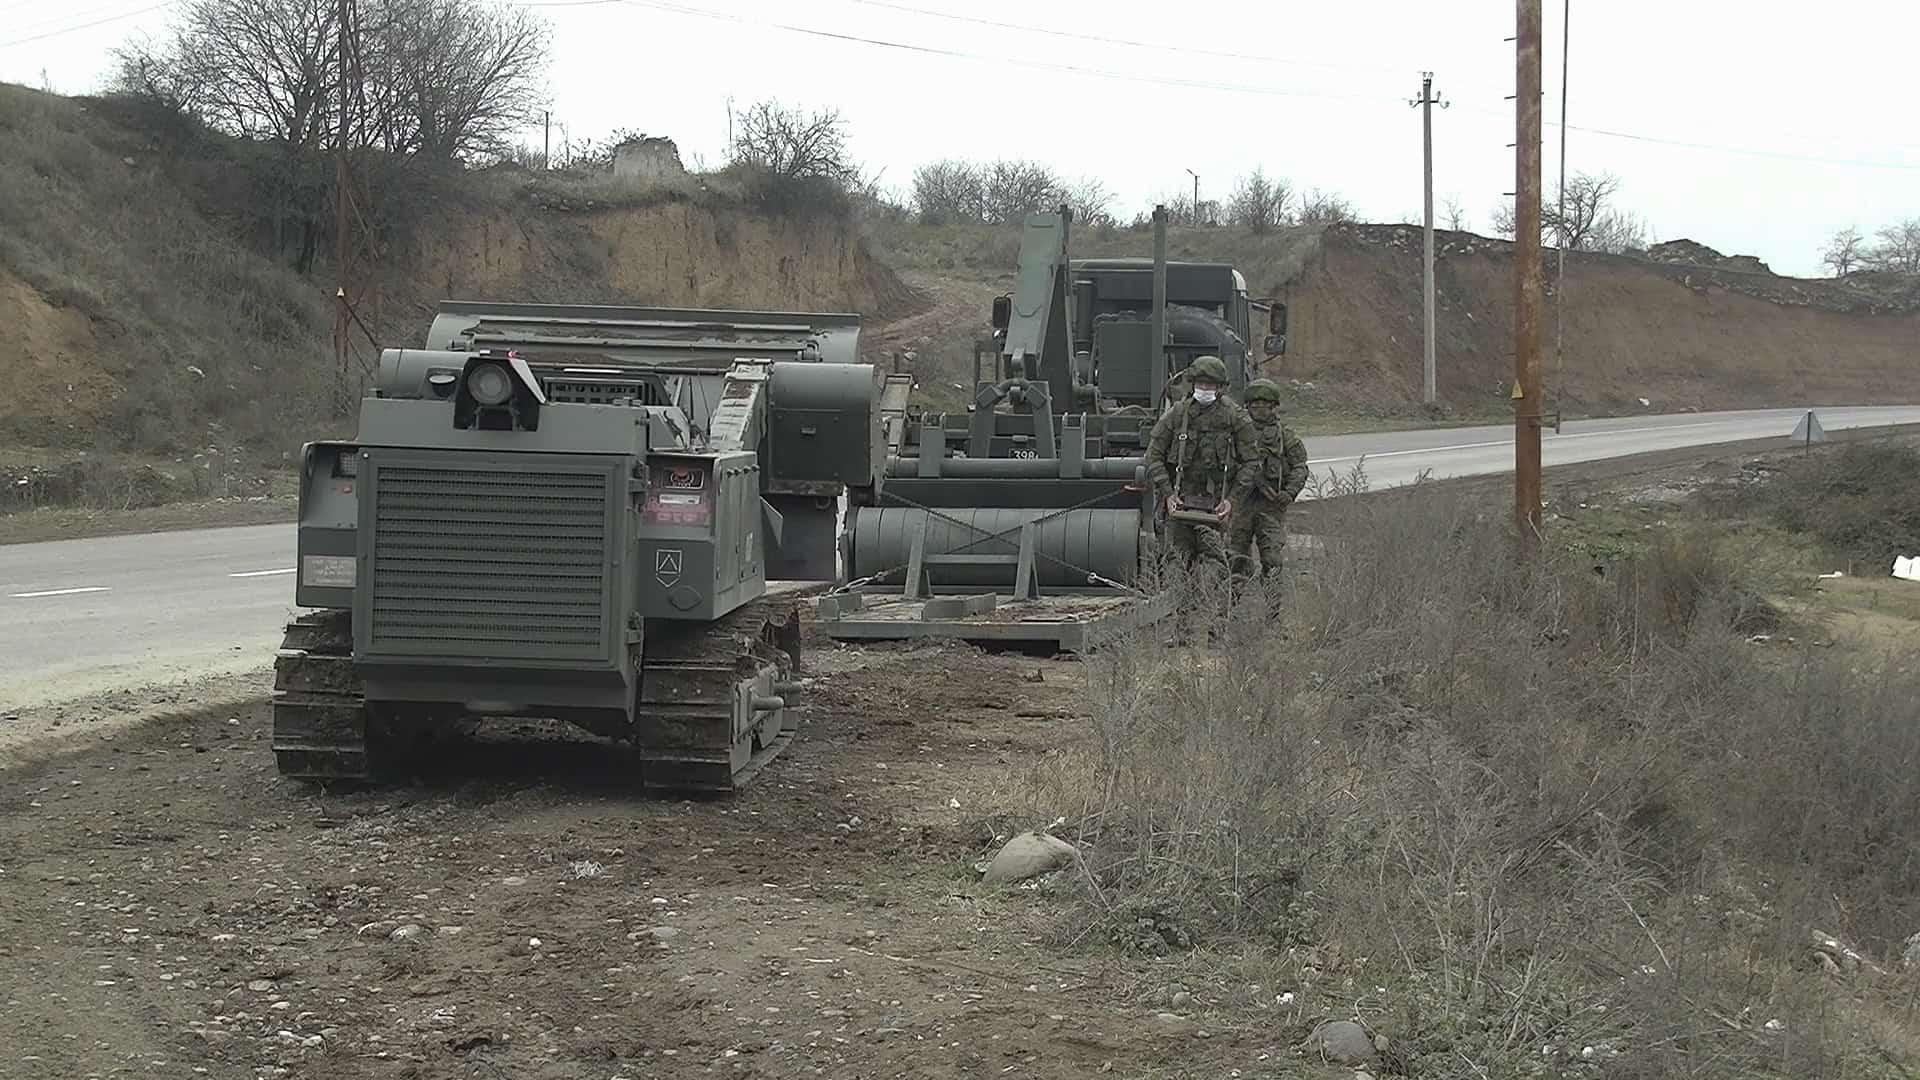 Машина розмінування «Уран-6» та спец. КамАЗ с мультиліфтом. Грудень 2020. Нагірний Карабах. Фото: МО РФ